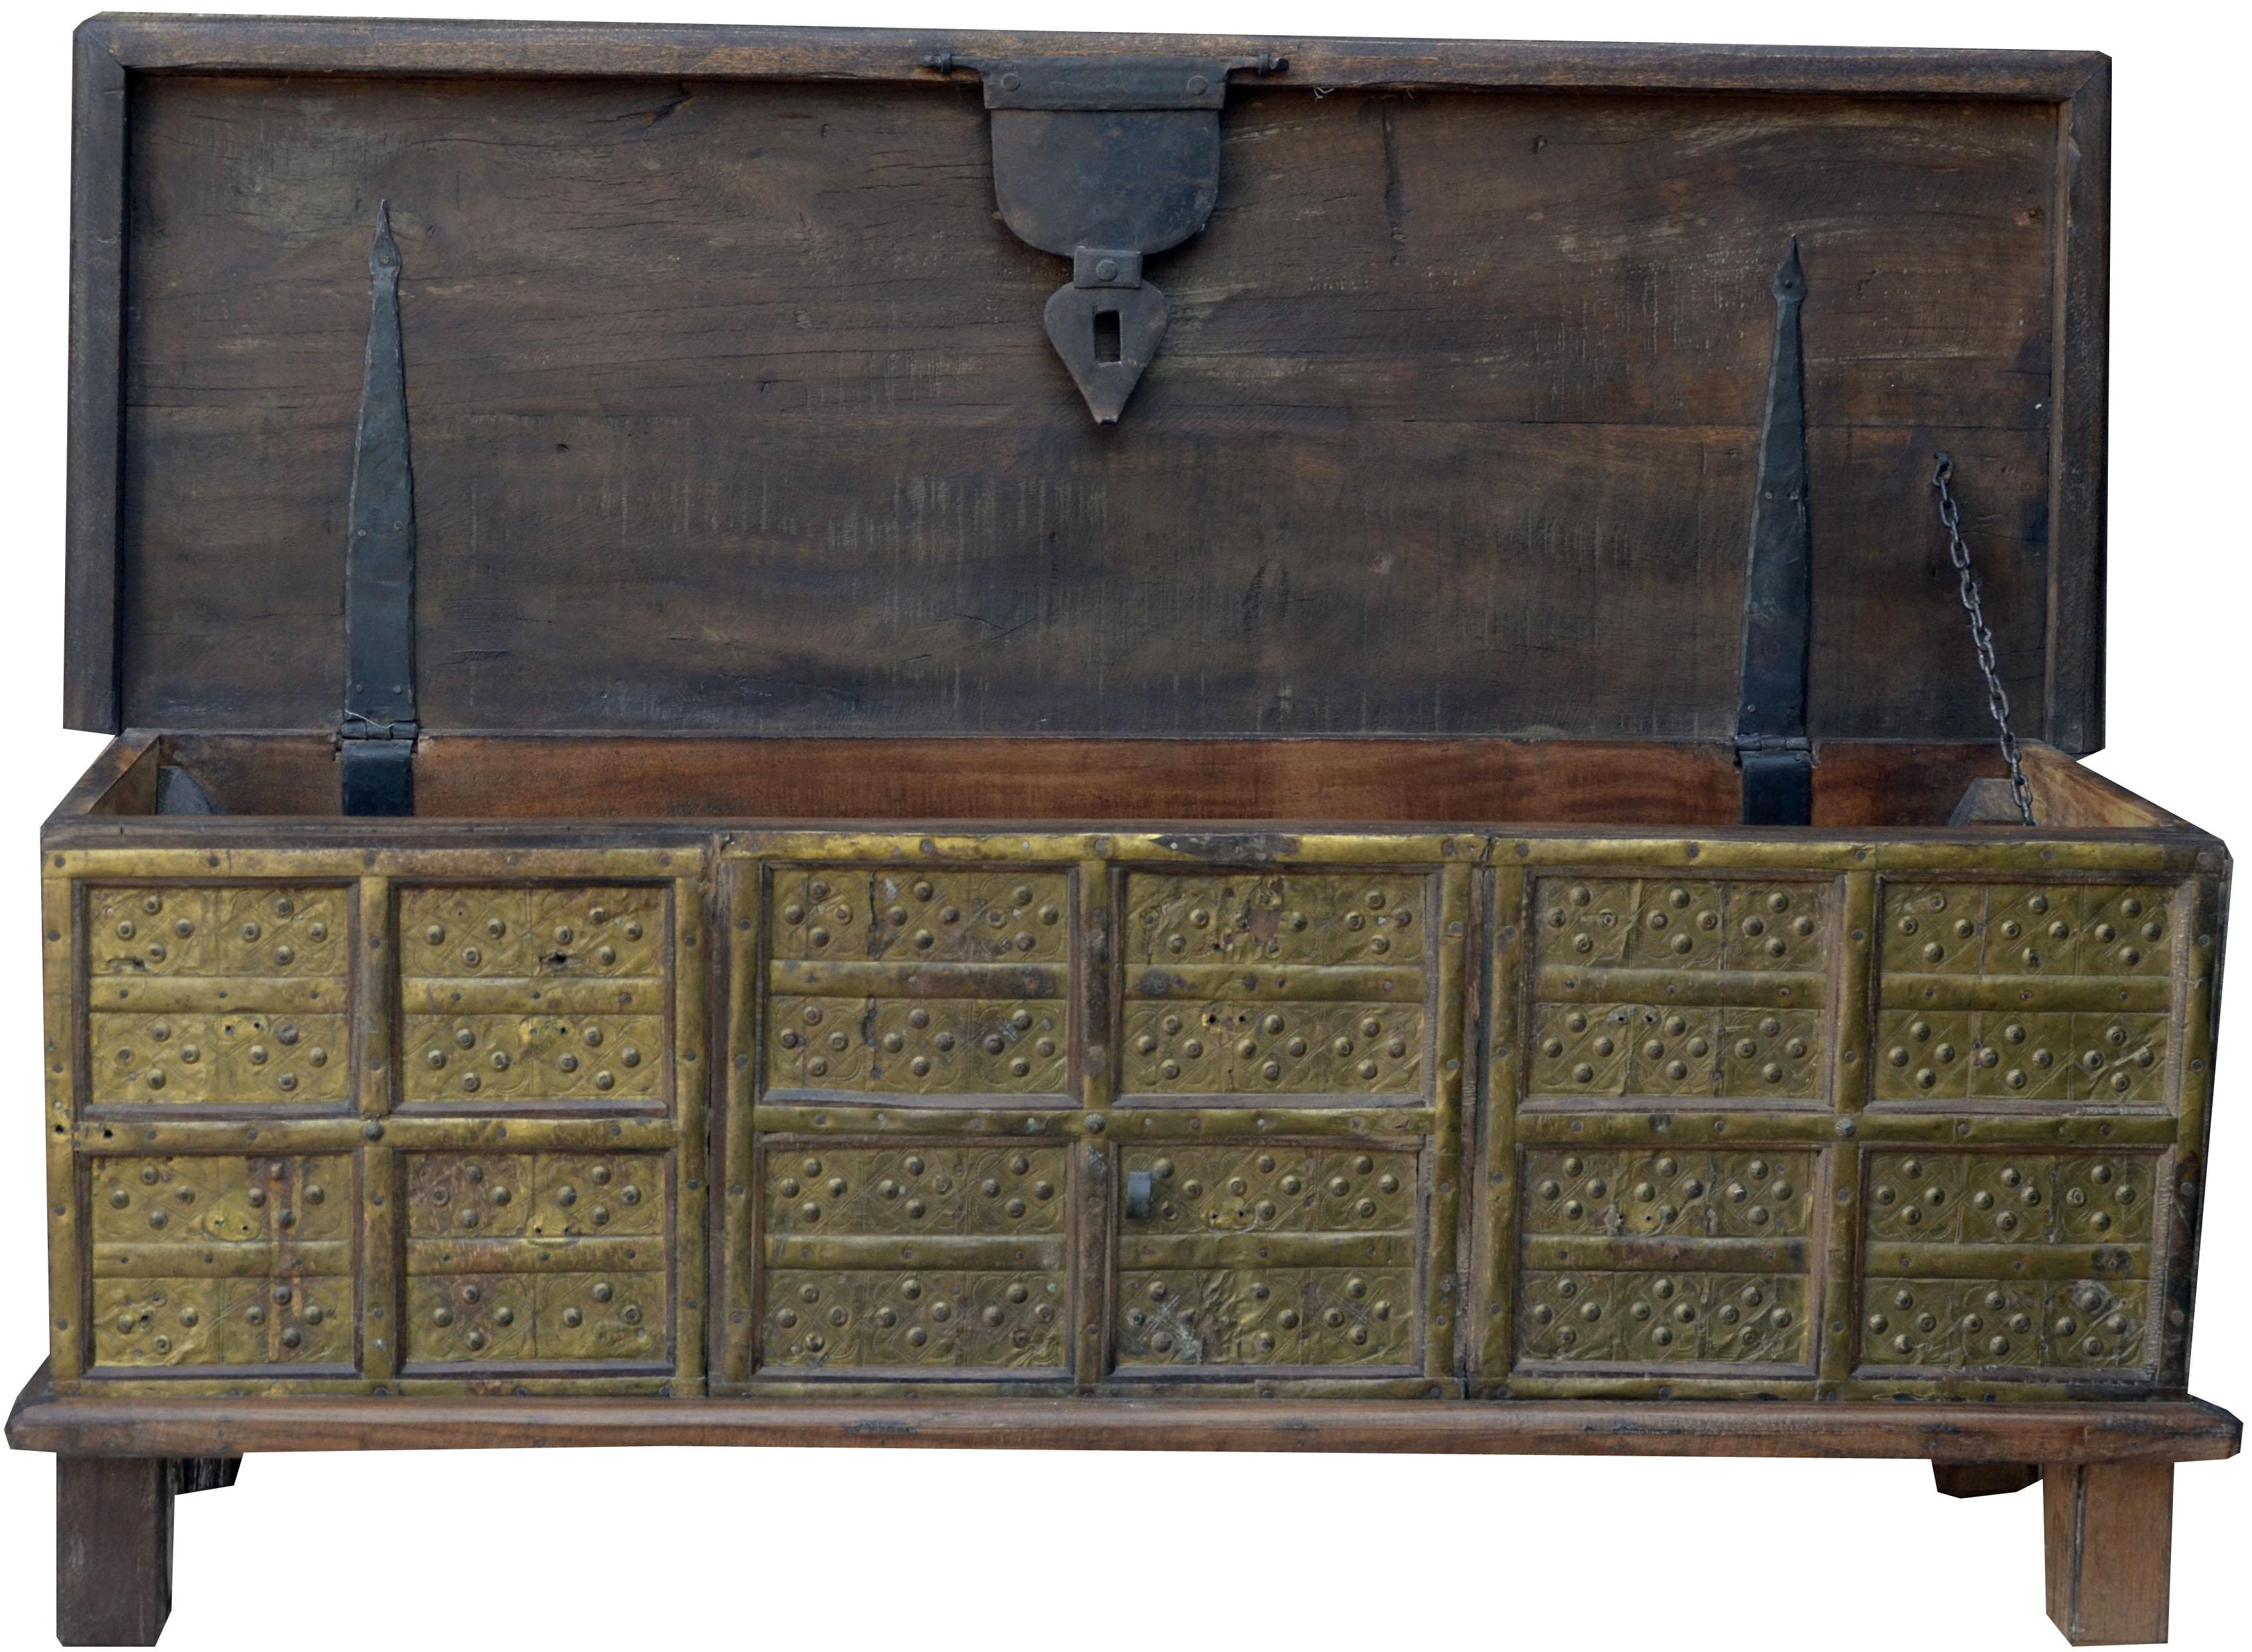 truhe sitzbank im kolonialstil aus vollholz mit massiven. Black Bedroom Furniture Sets. Home Design Ideas